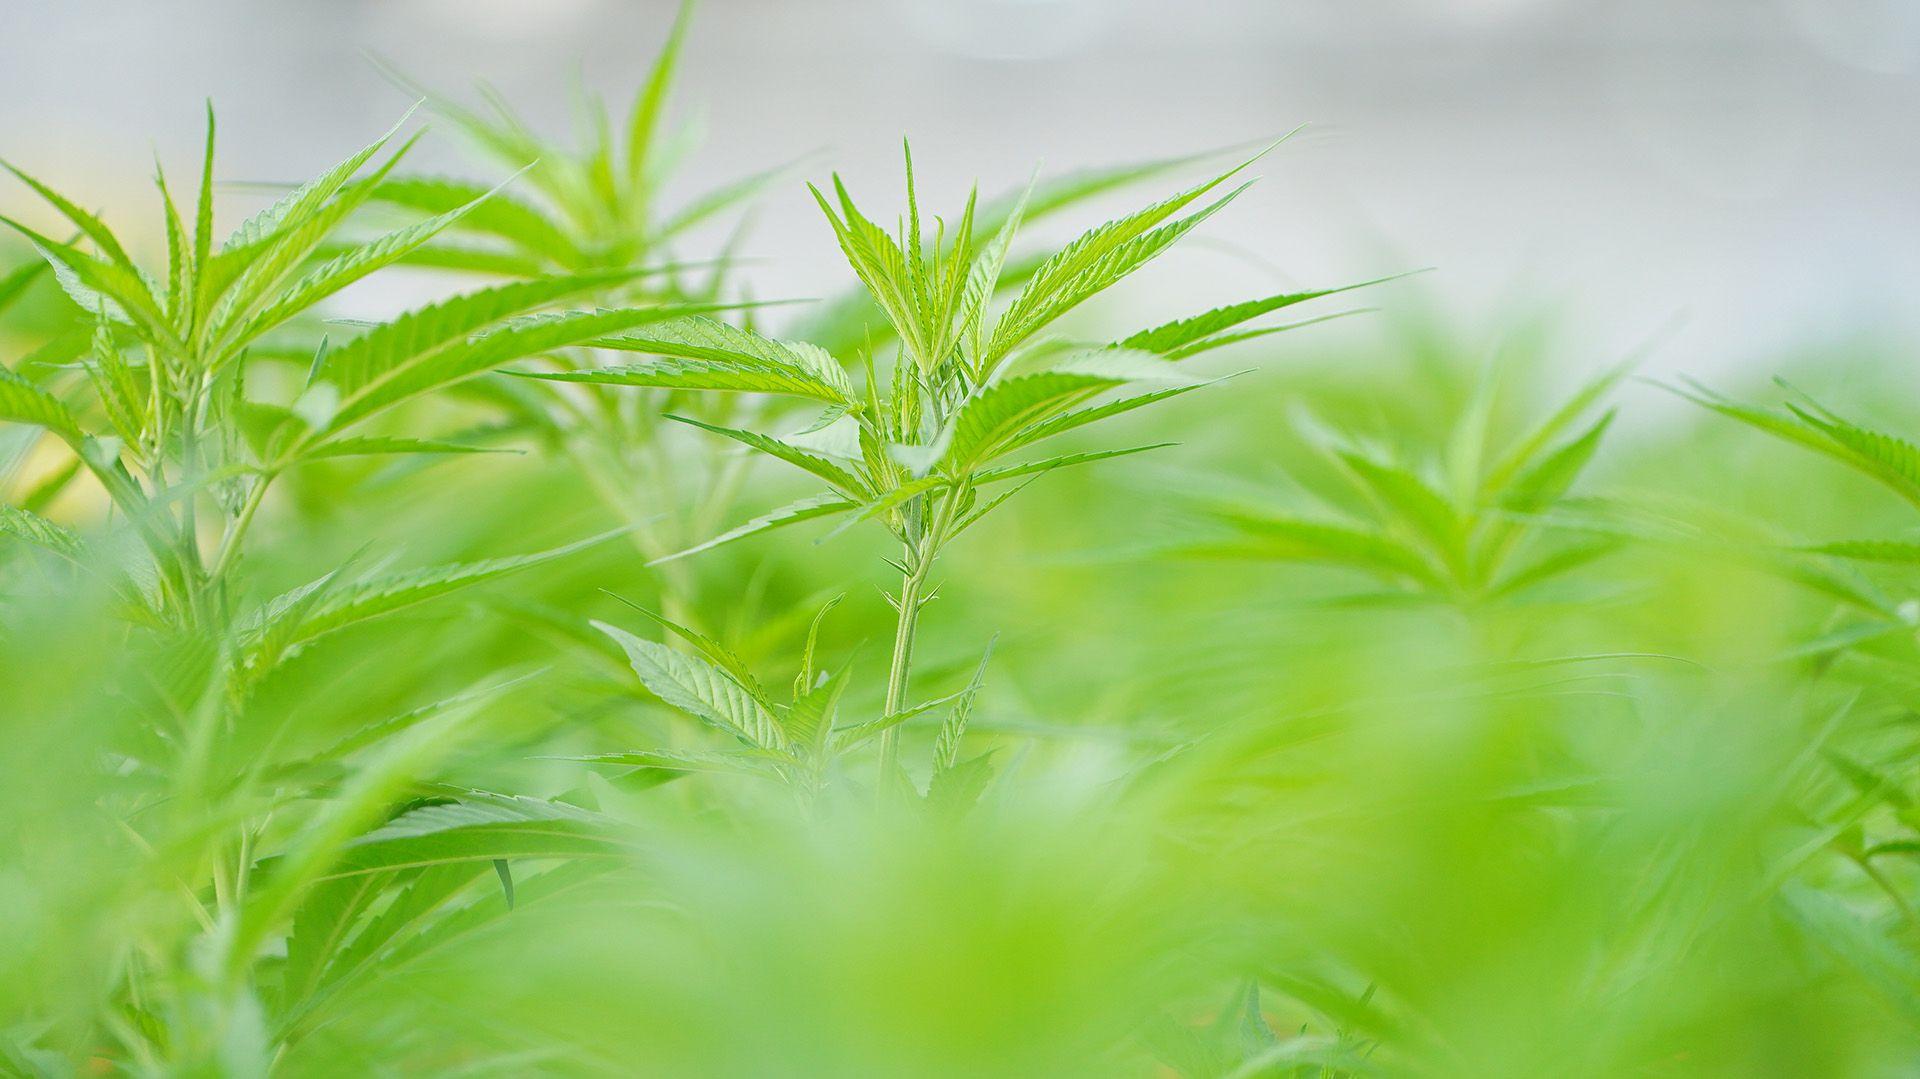 Cannava - Laboratorio y plantación Marihuana Cannabis Medicinal - Jujuy